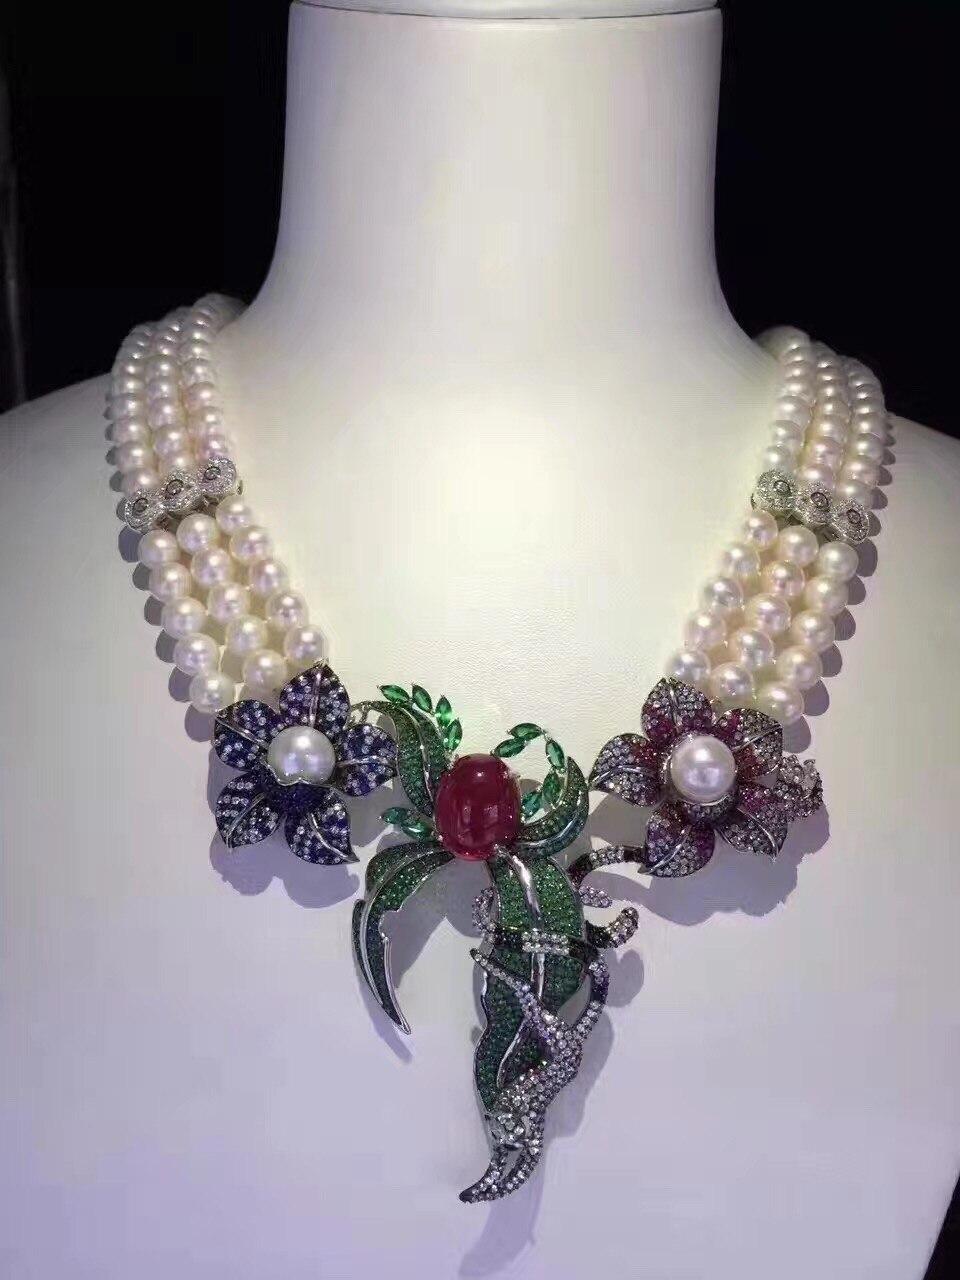 Collier de perles d'eau douce naturelle collier de mariage 925 en argent sterling avec zircon cubique fleur multi couches bijoux de mode